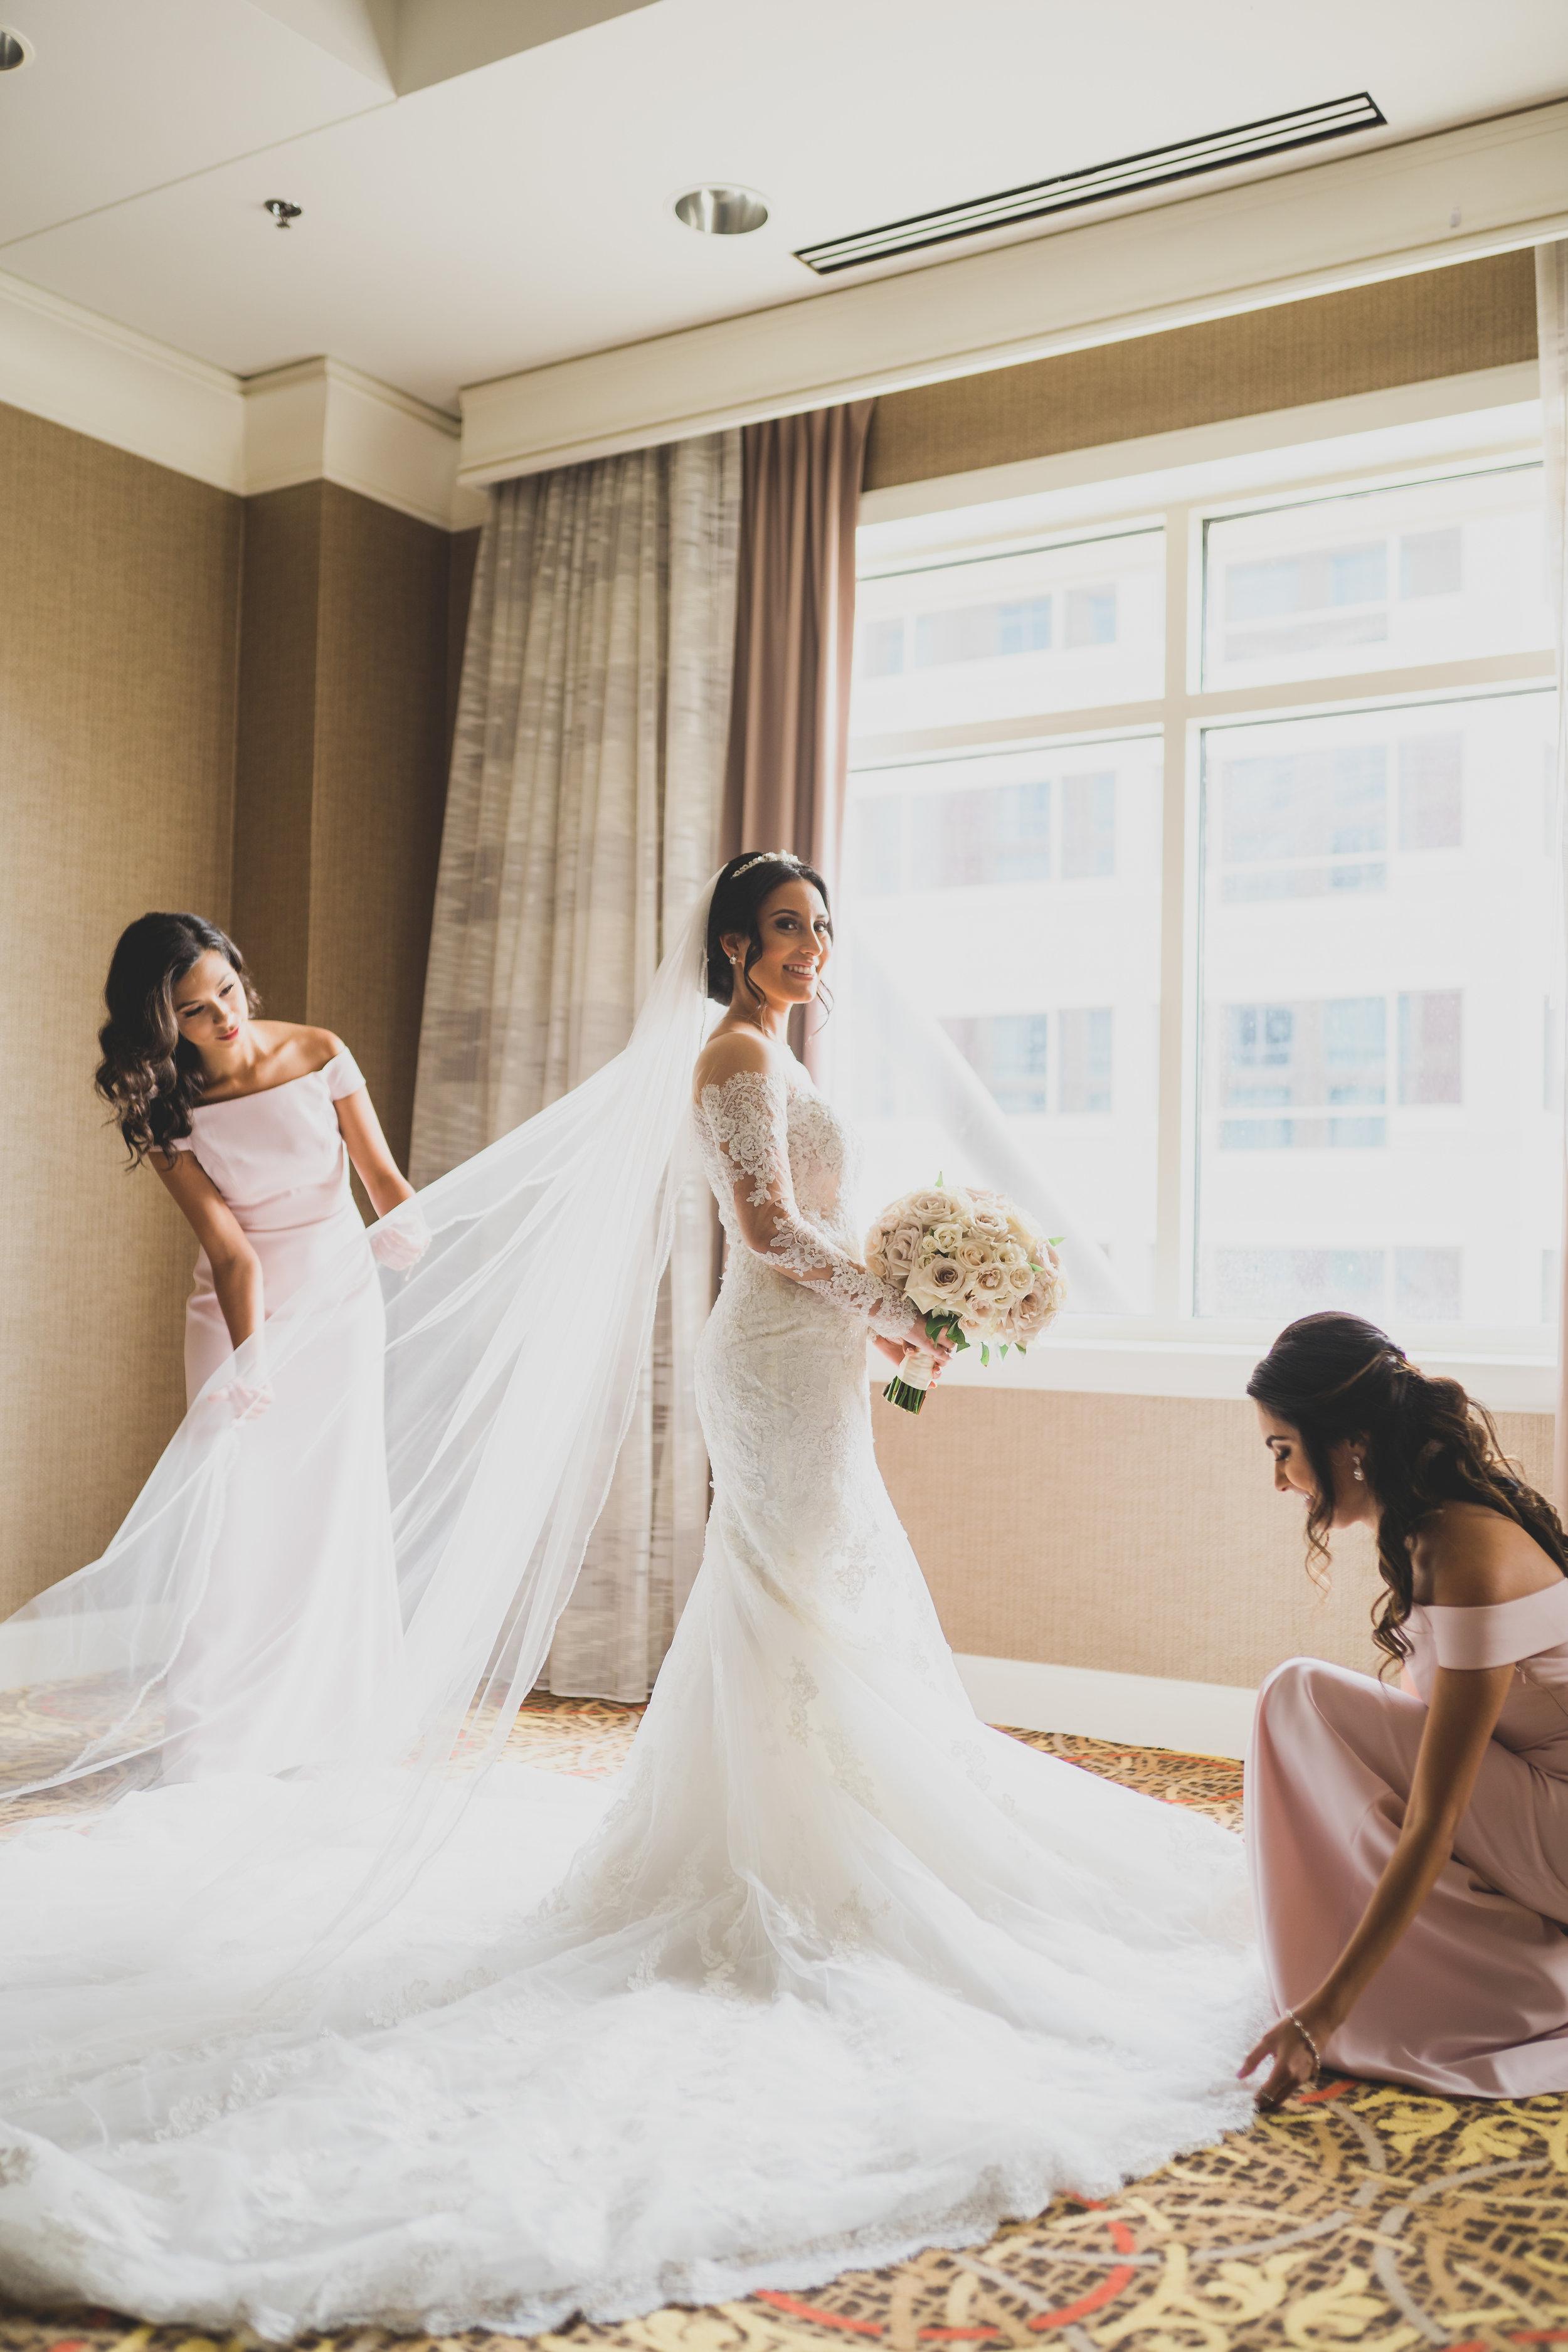 sugar-land-tx-wedding-photography-marriott-getting-ready-2